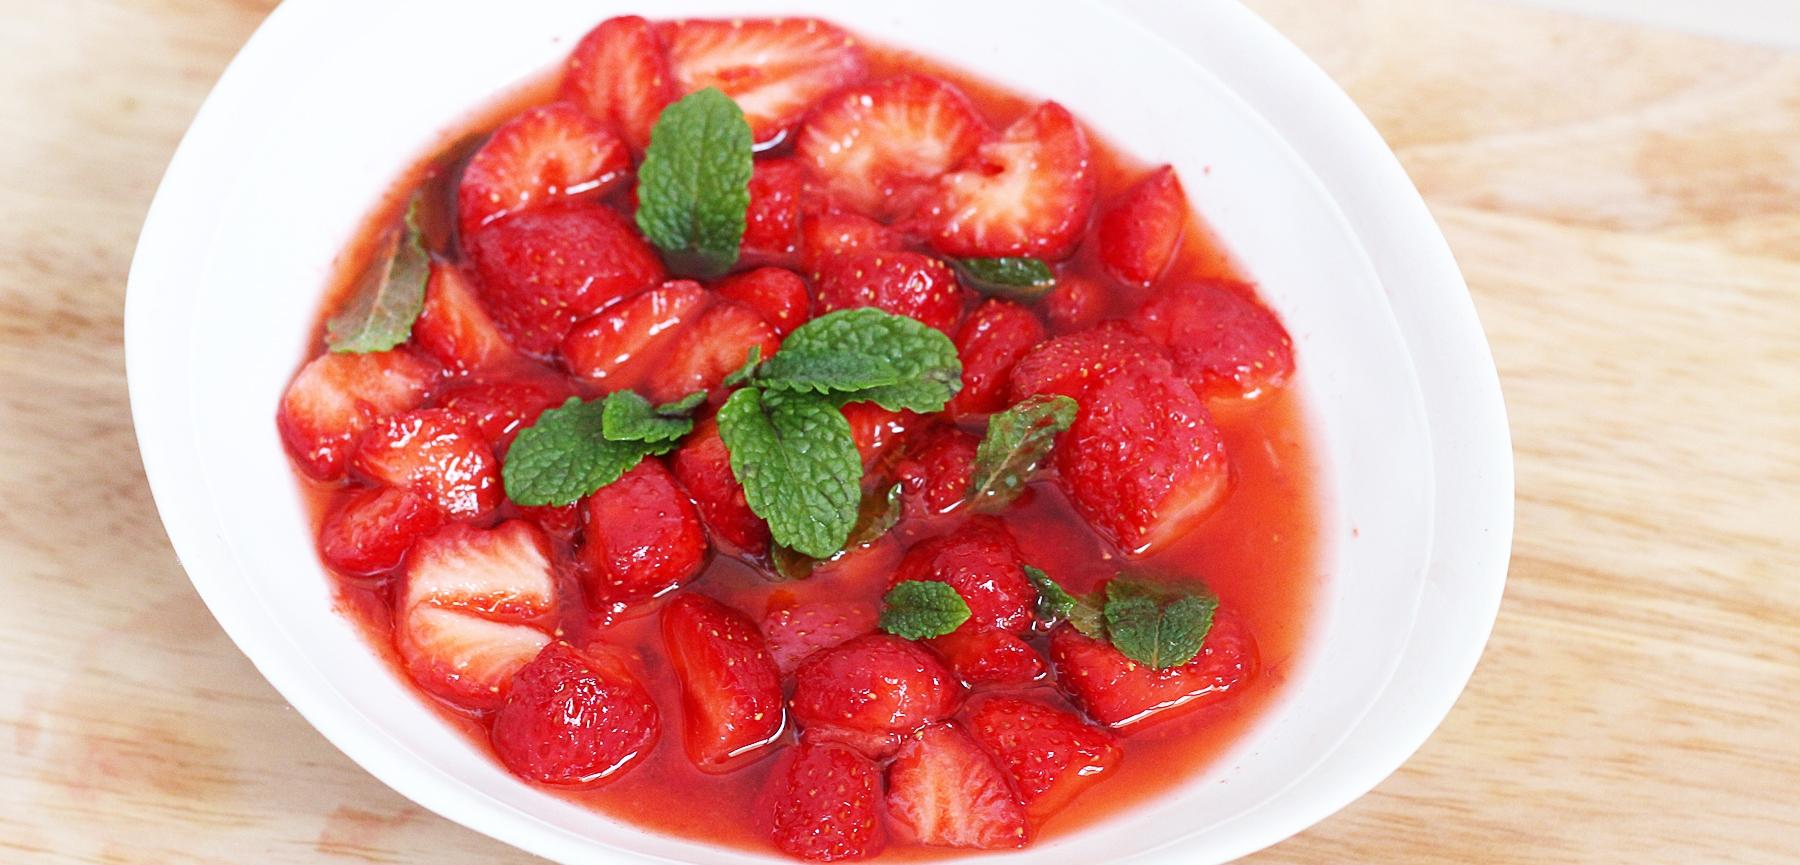 soupe de fraises de phalempin au perl de groseille la recette sur a drache en nord. Black Bedroom Furniture Sets. Home Design Ideas